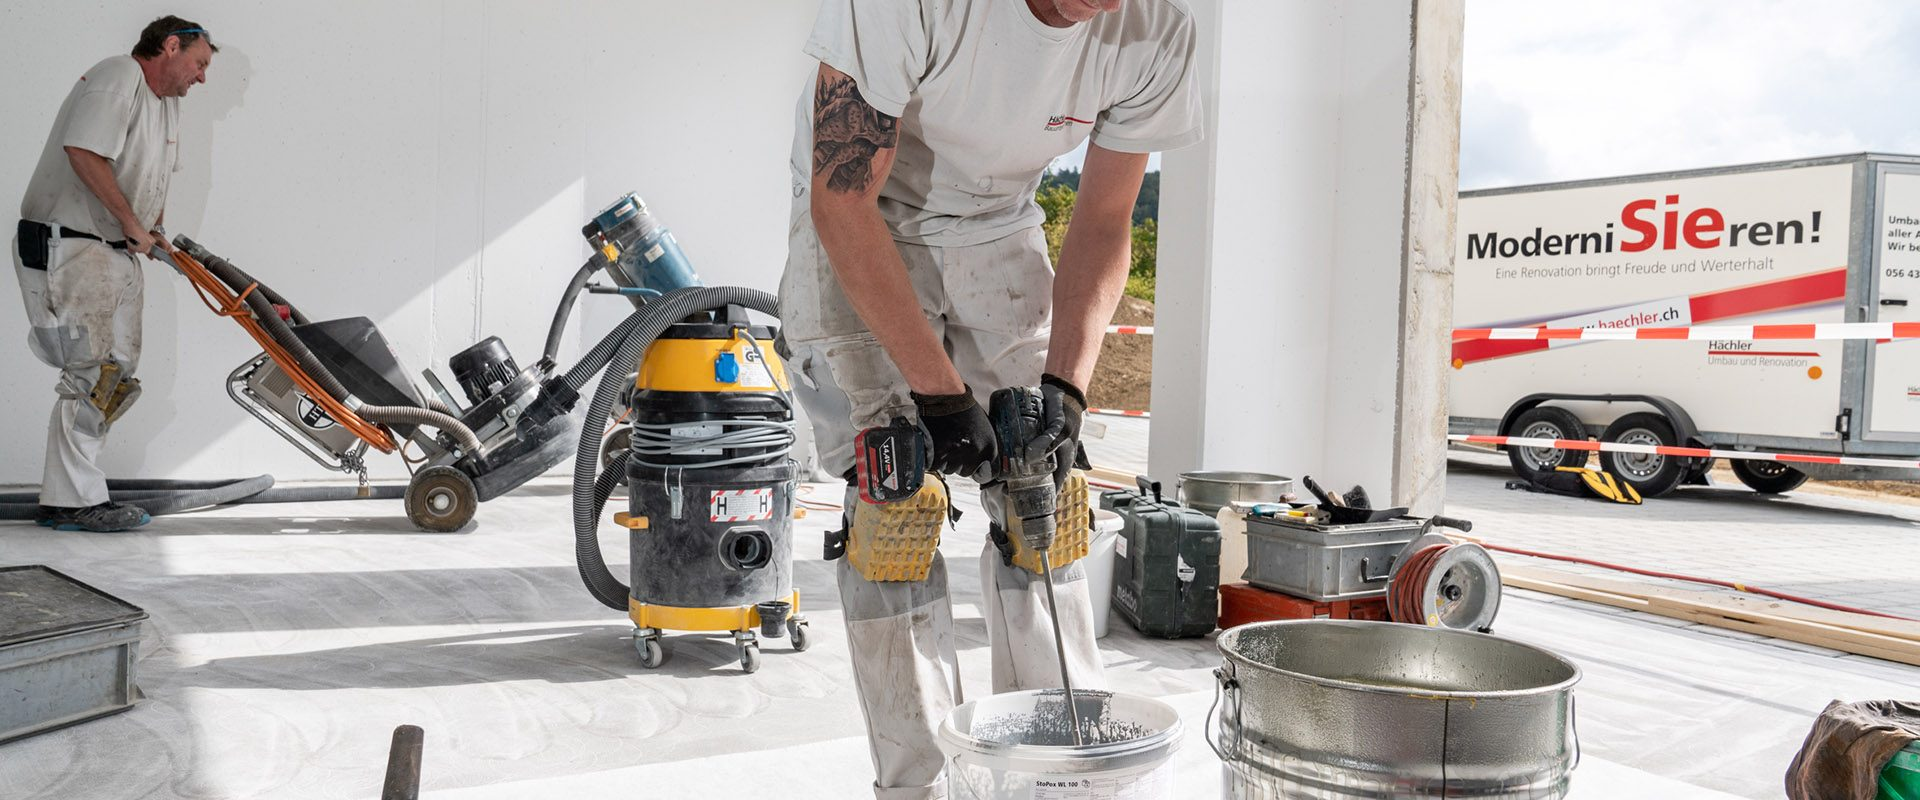 Umbau, Renovation, Modernierung, Bodenbeschichtung